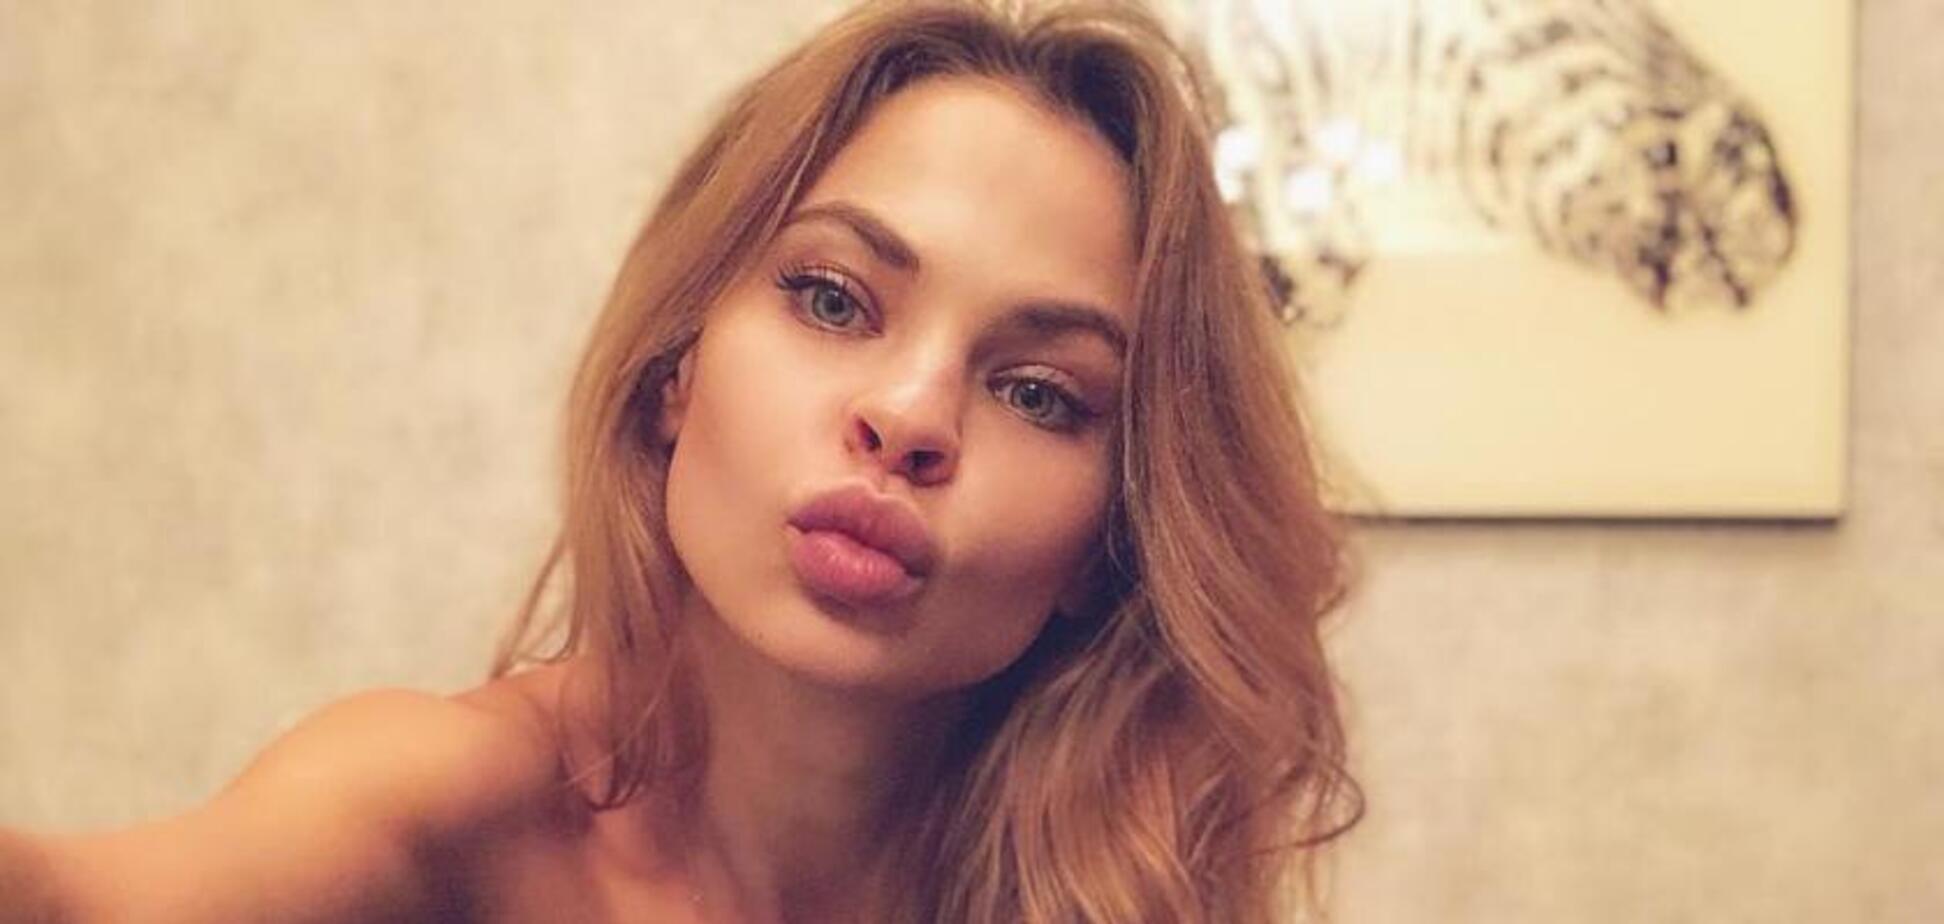 Зачем нам Настя 'Рыбка' - проститутка из Бобруйска?